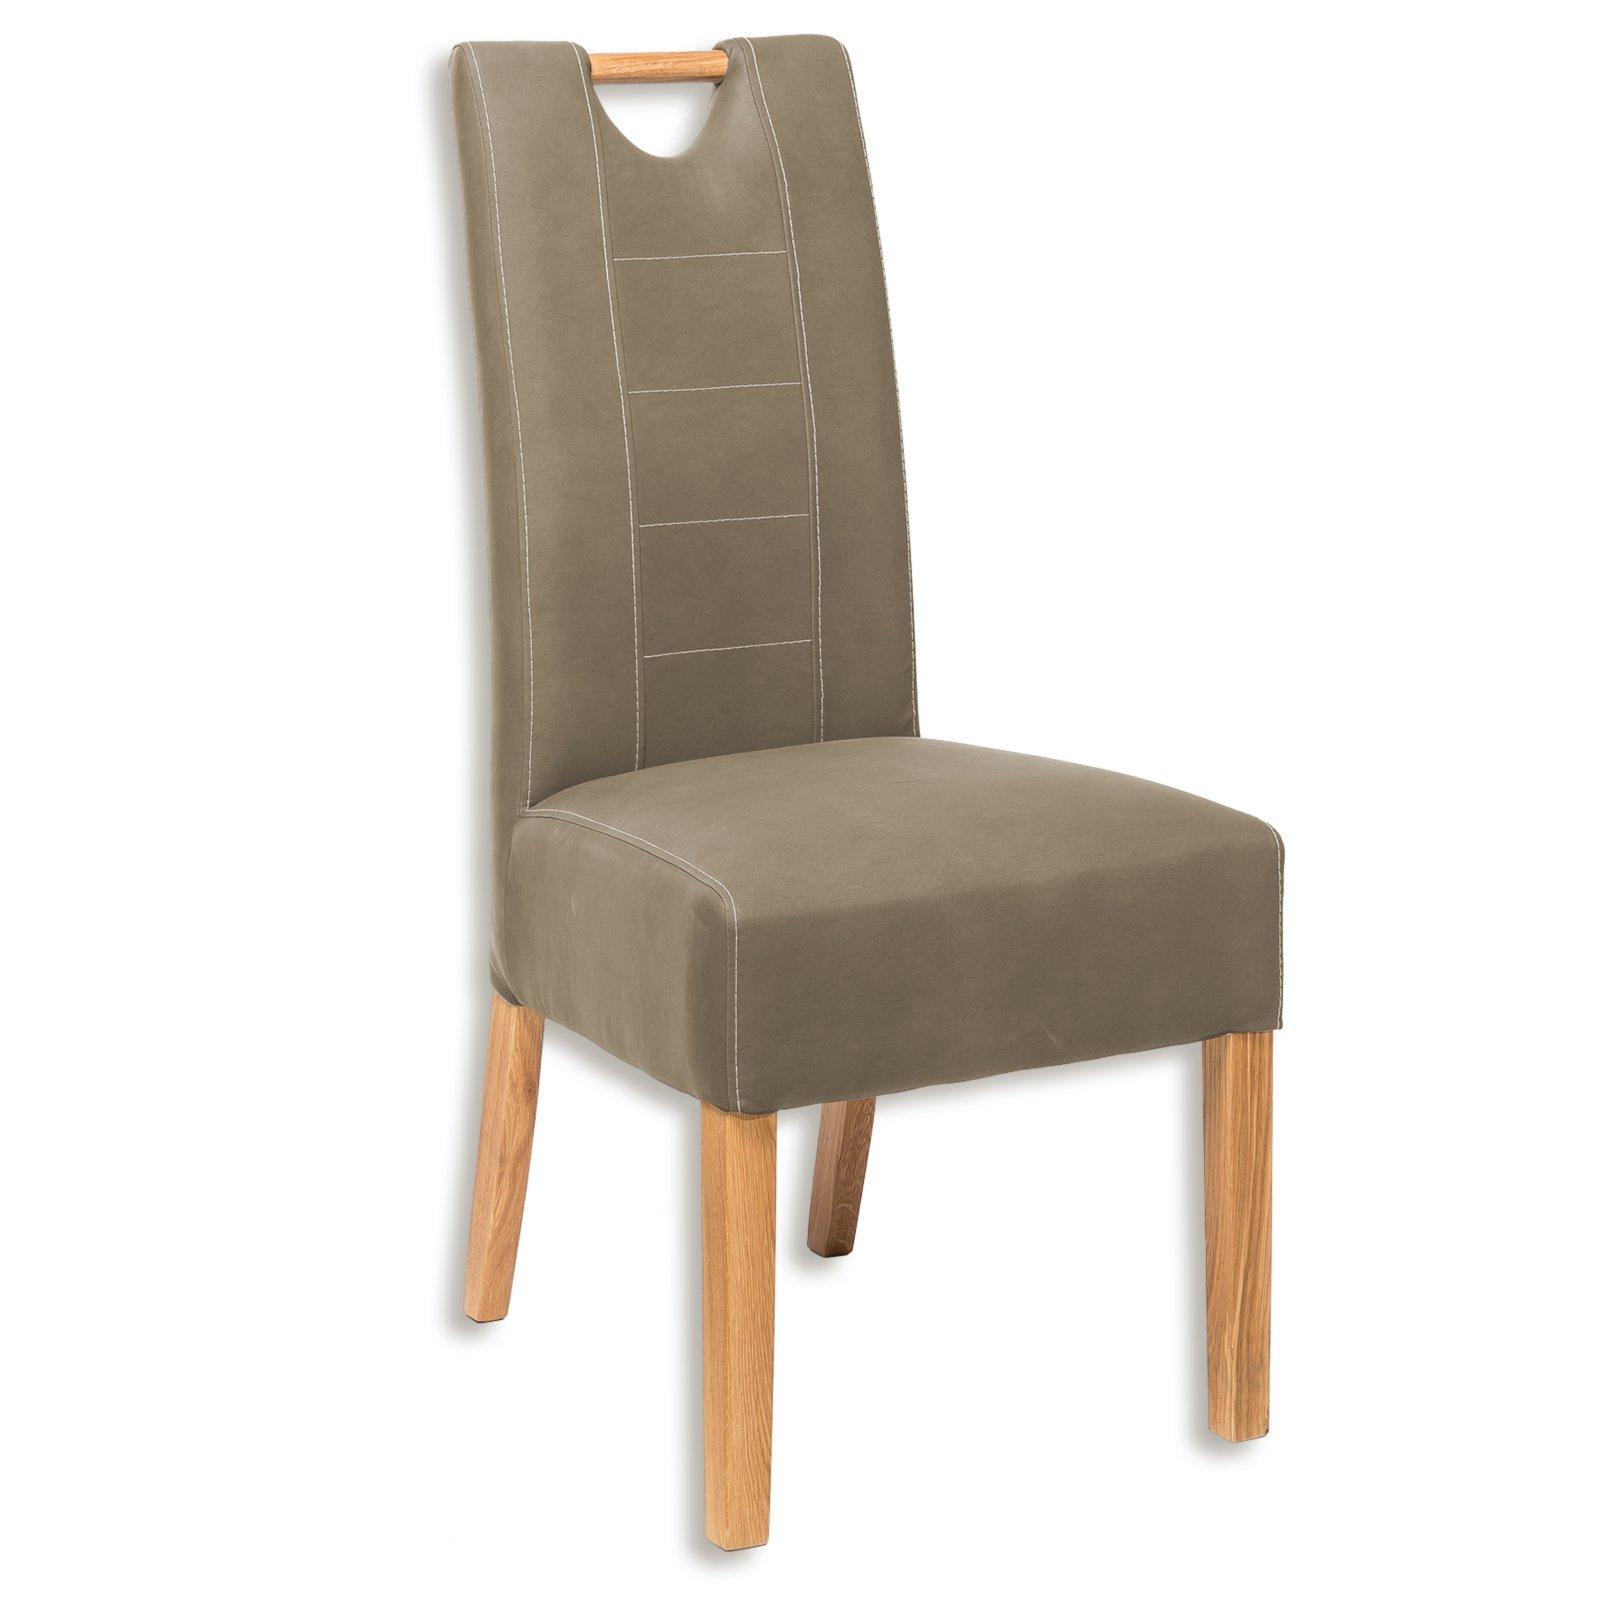 Esszimmer: Möbel günstig online kaufen bei ROLLER